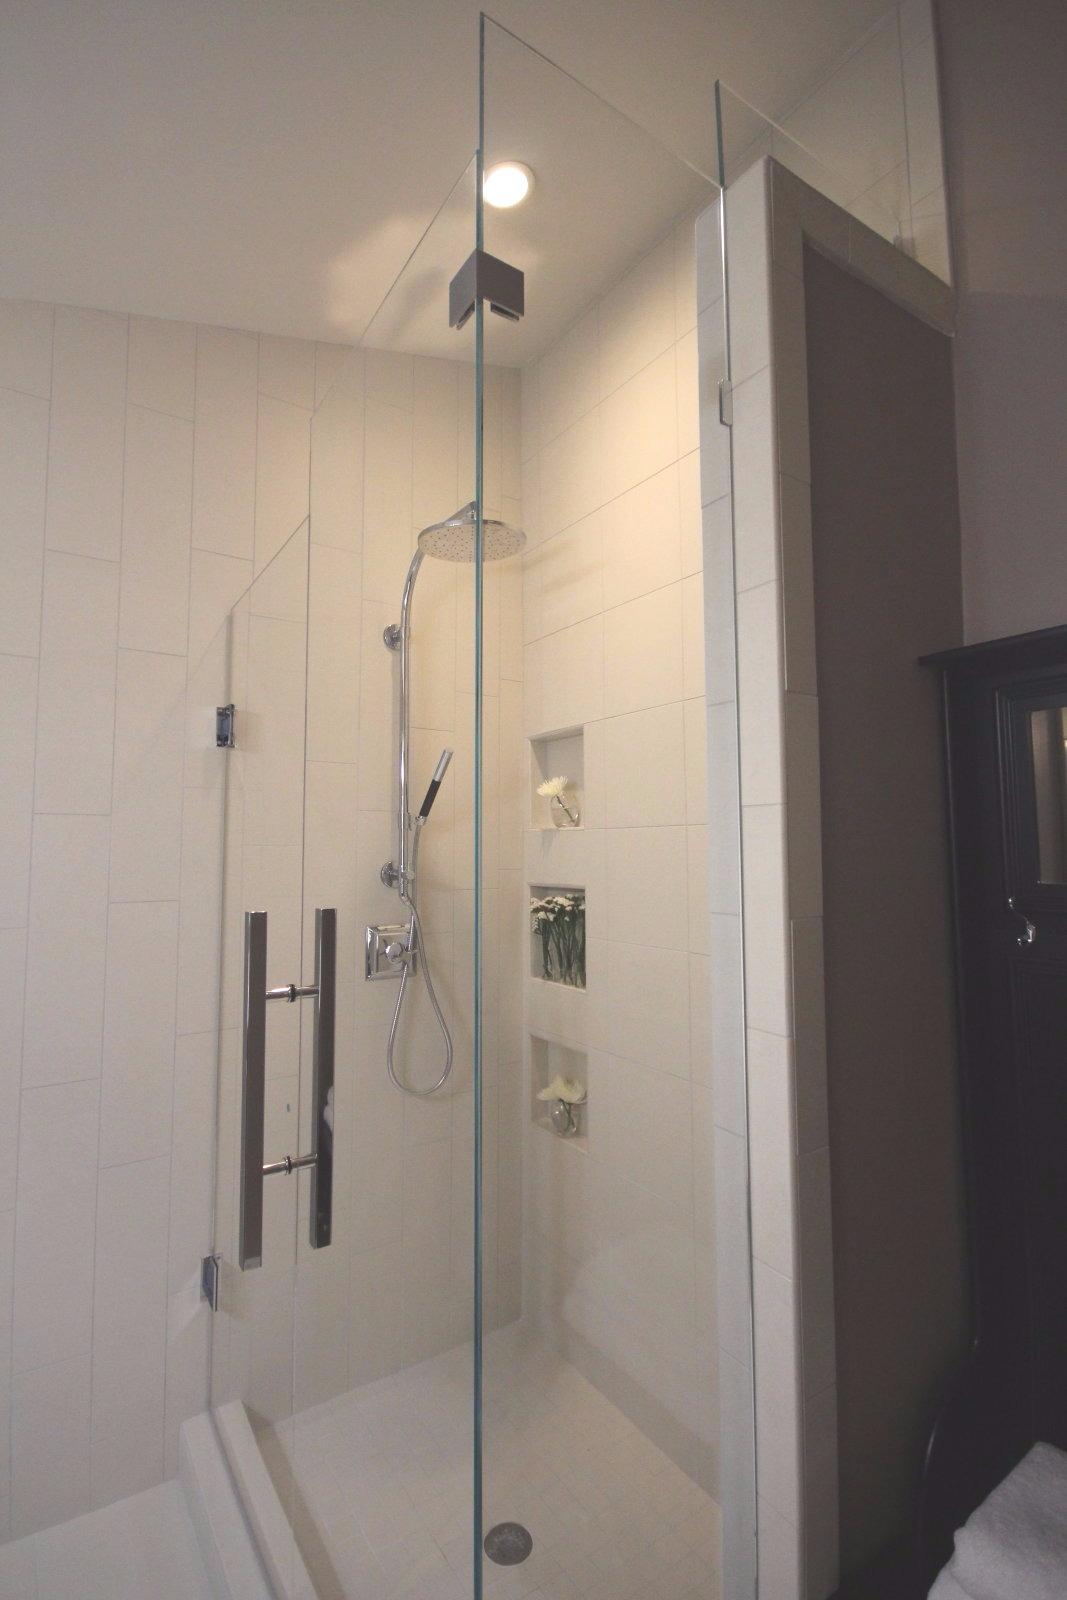 90 Degree Corner Showers – Mia Shower Doors